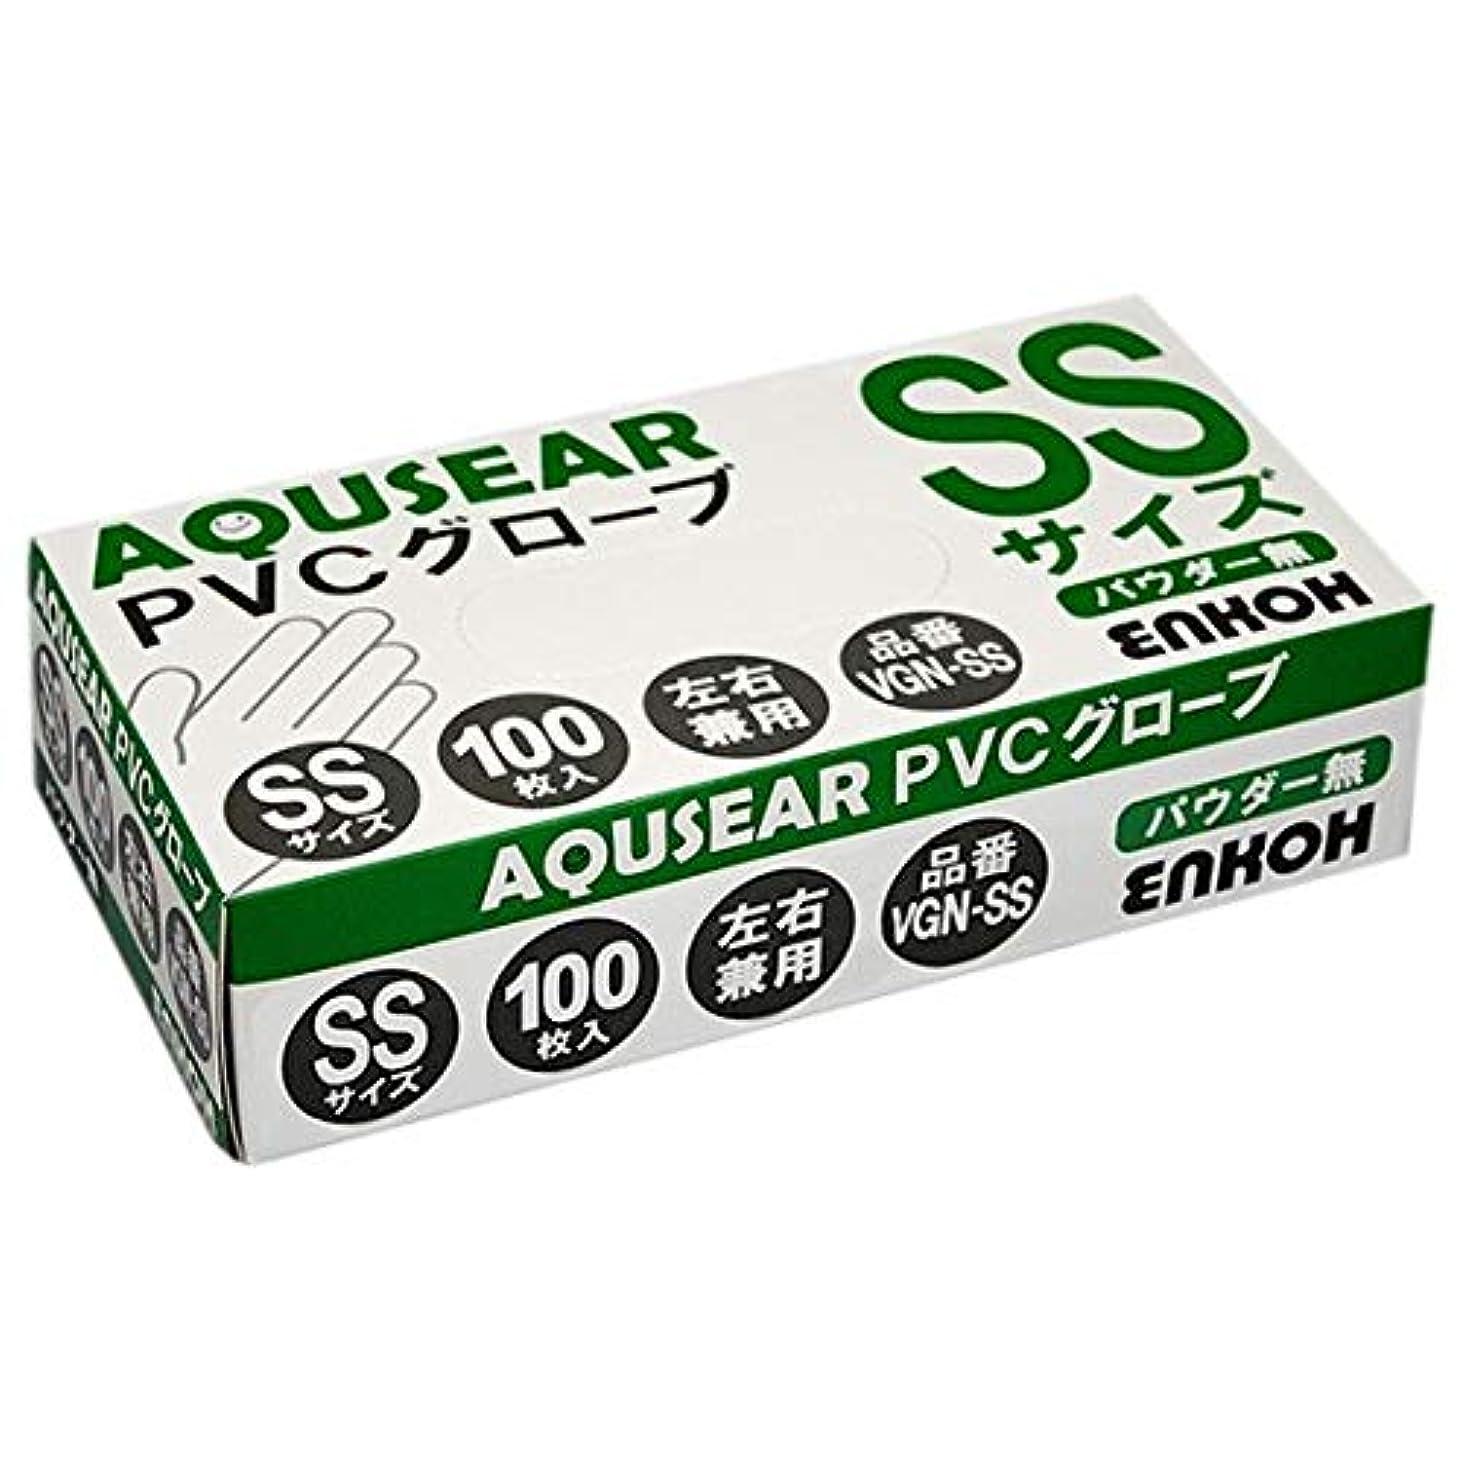 干ばつヘルシー所持AQUSEAR PVC プラスチックグローブ SSサイズ パウダー無 VGN-SS 100枚×20箱